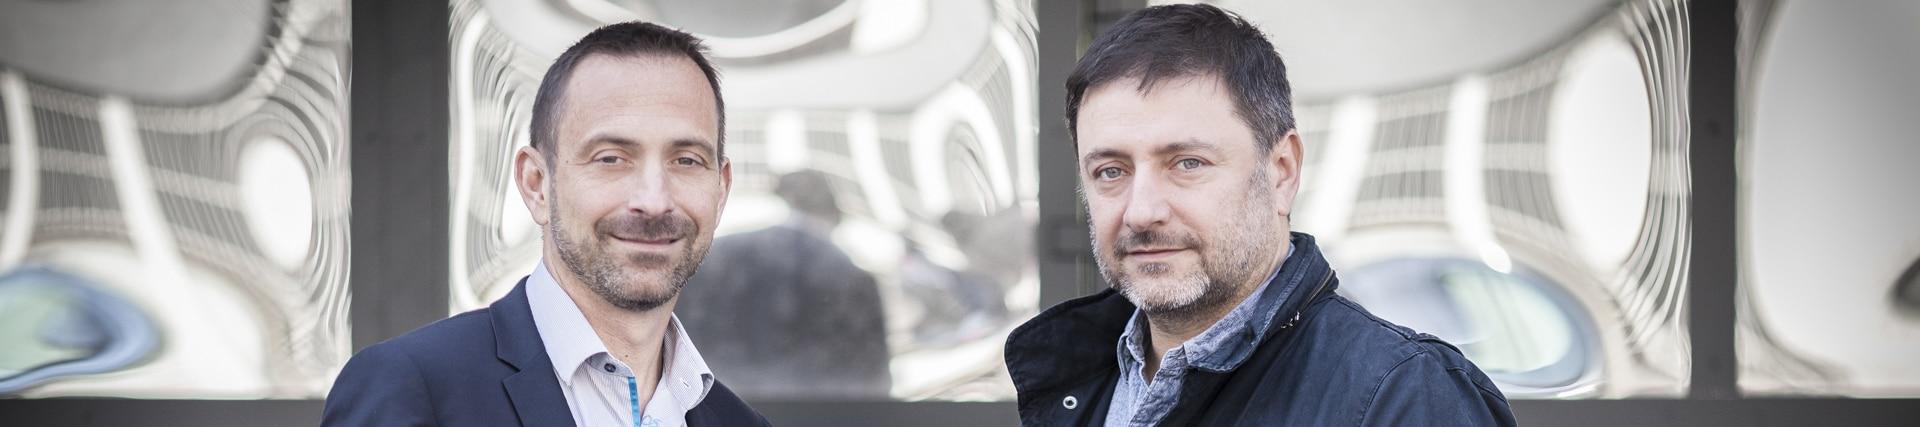 Stéphane Besseau et Stéphane Moriaud co-fondateur de Predical - nous contacter